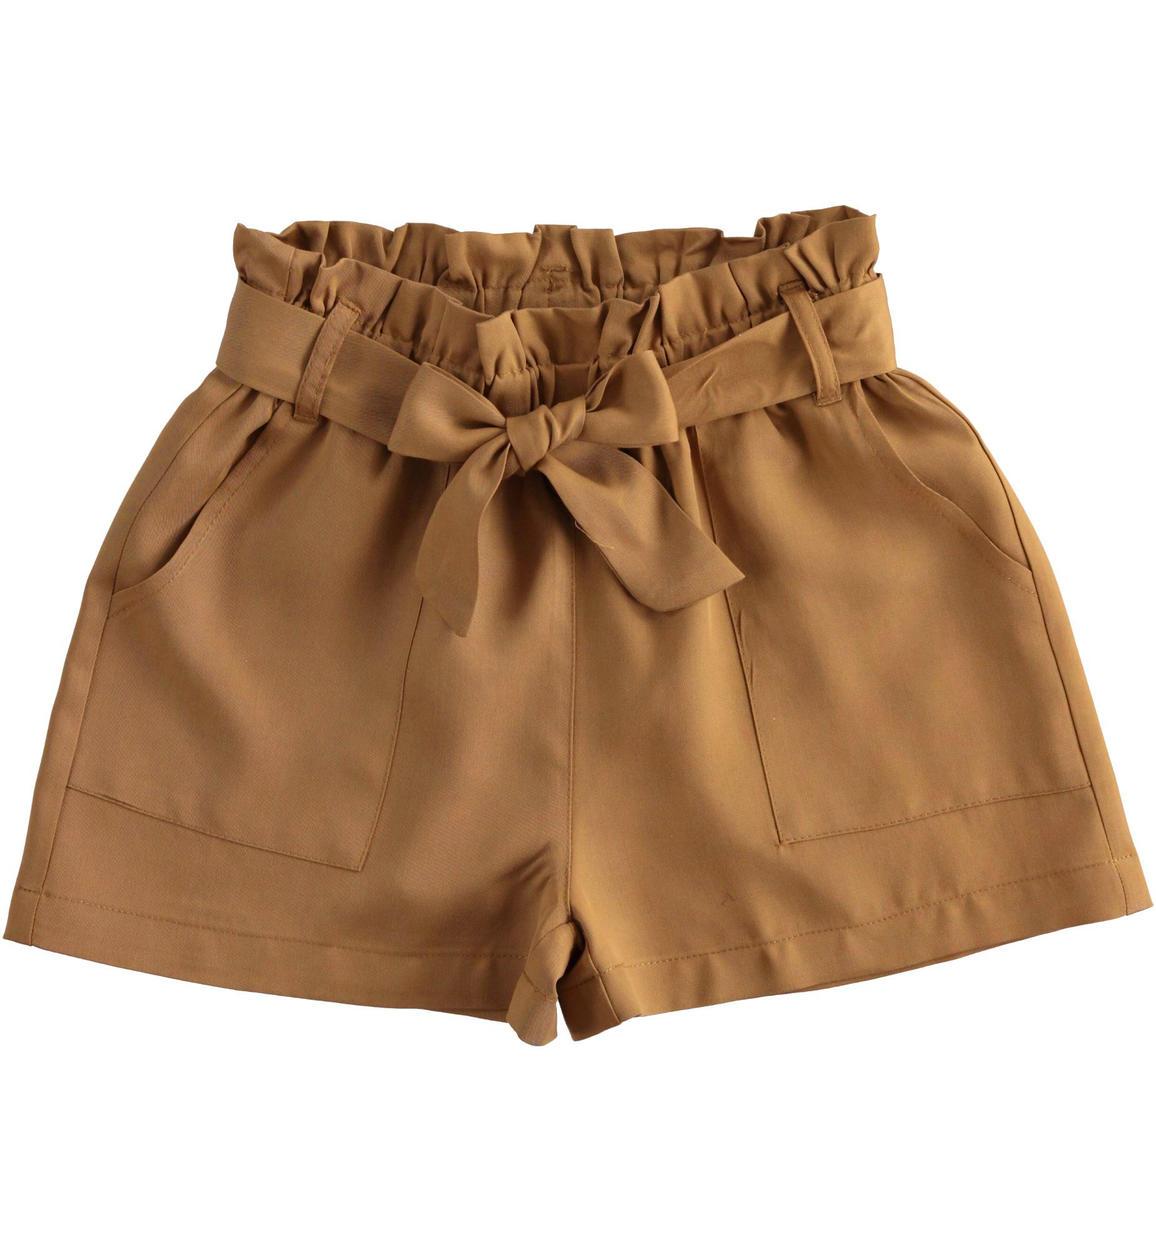 pantaloncino in morbido tessuto di lyoce beige retro 02 2574j52400 1117